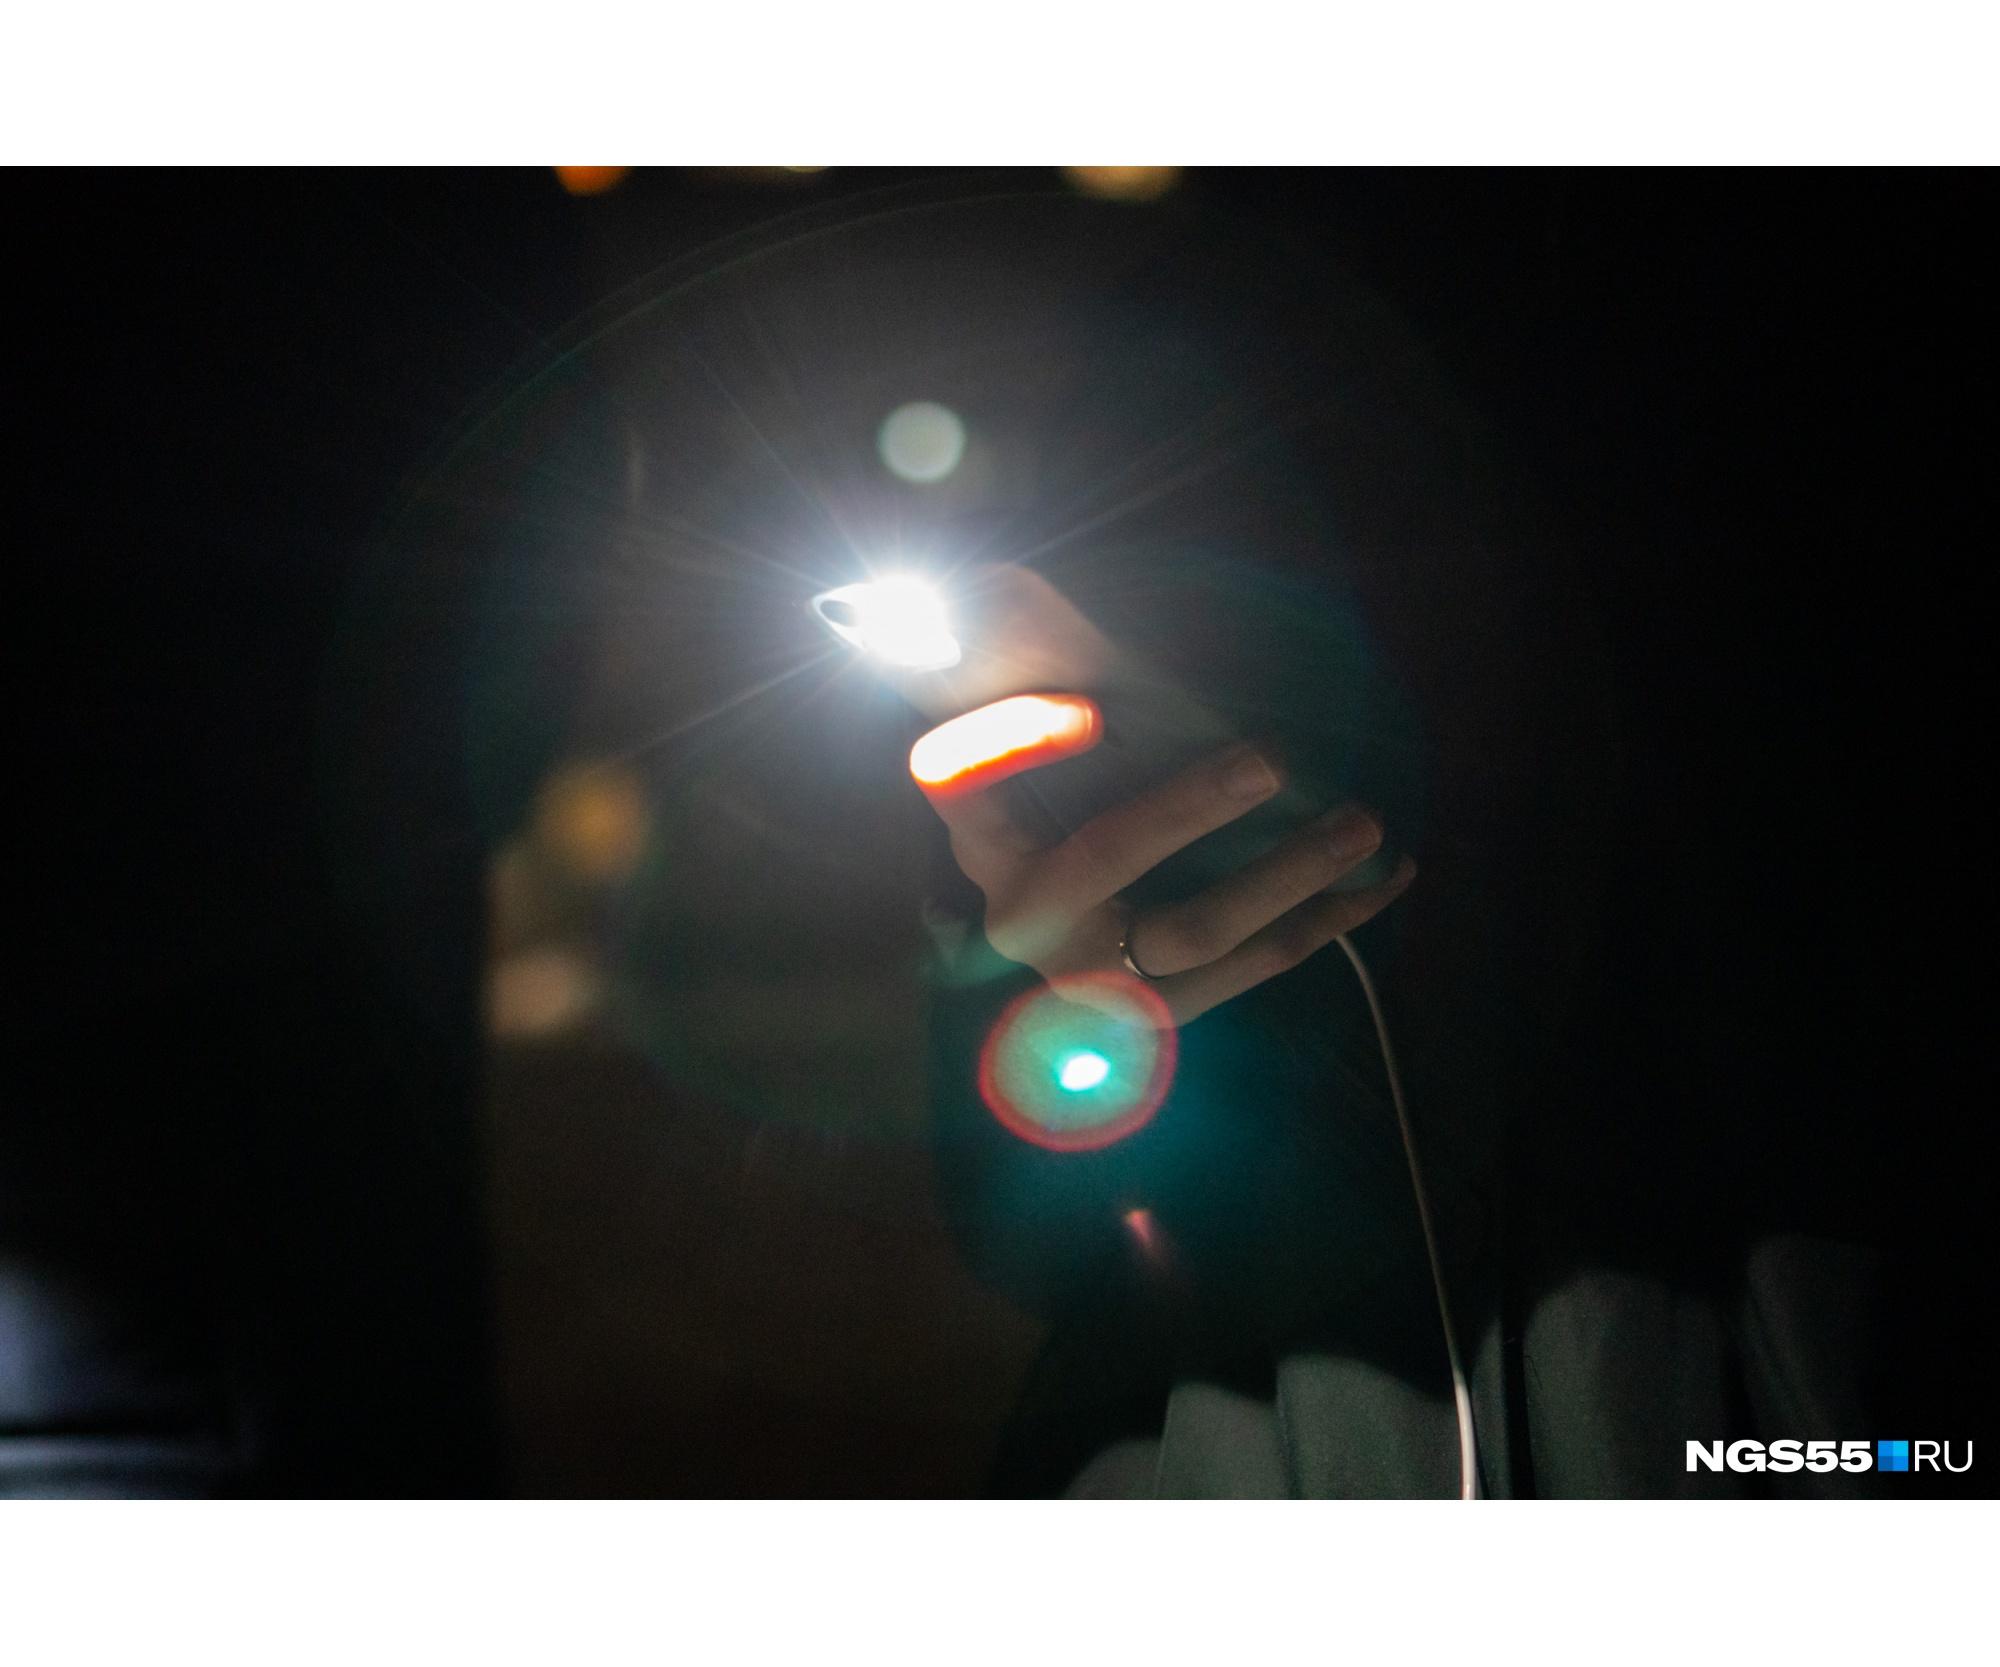 Некоторые прохожие неодобрительно бурчали, глядя на людей с фонариками